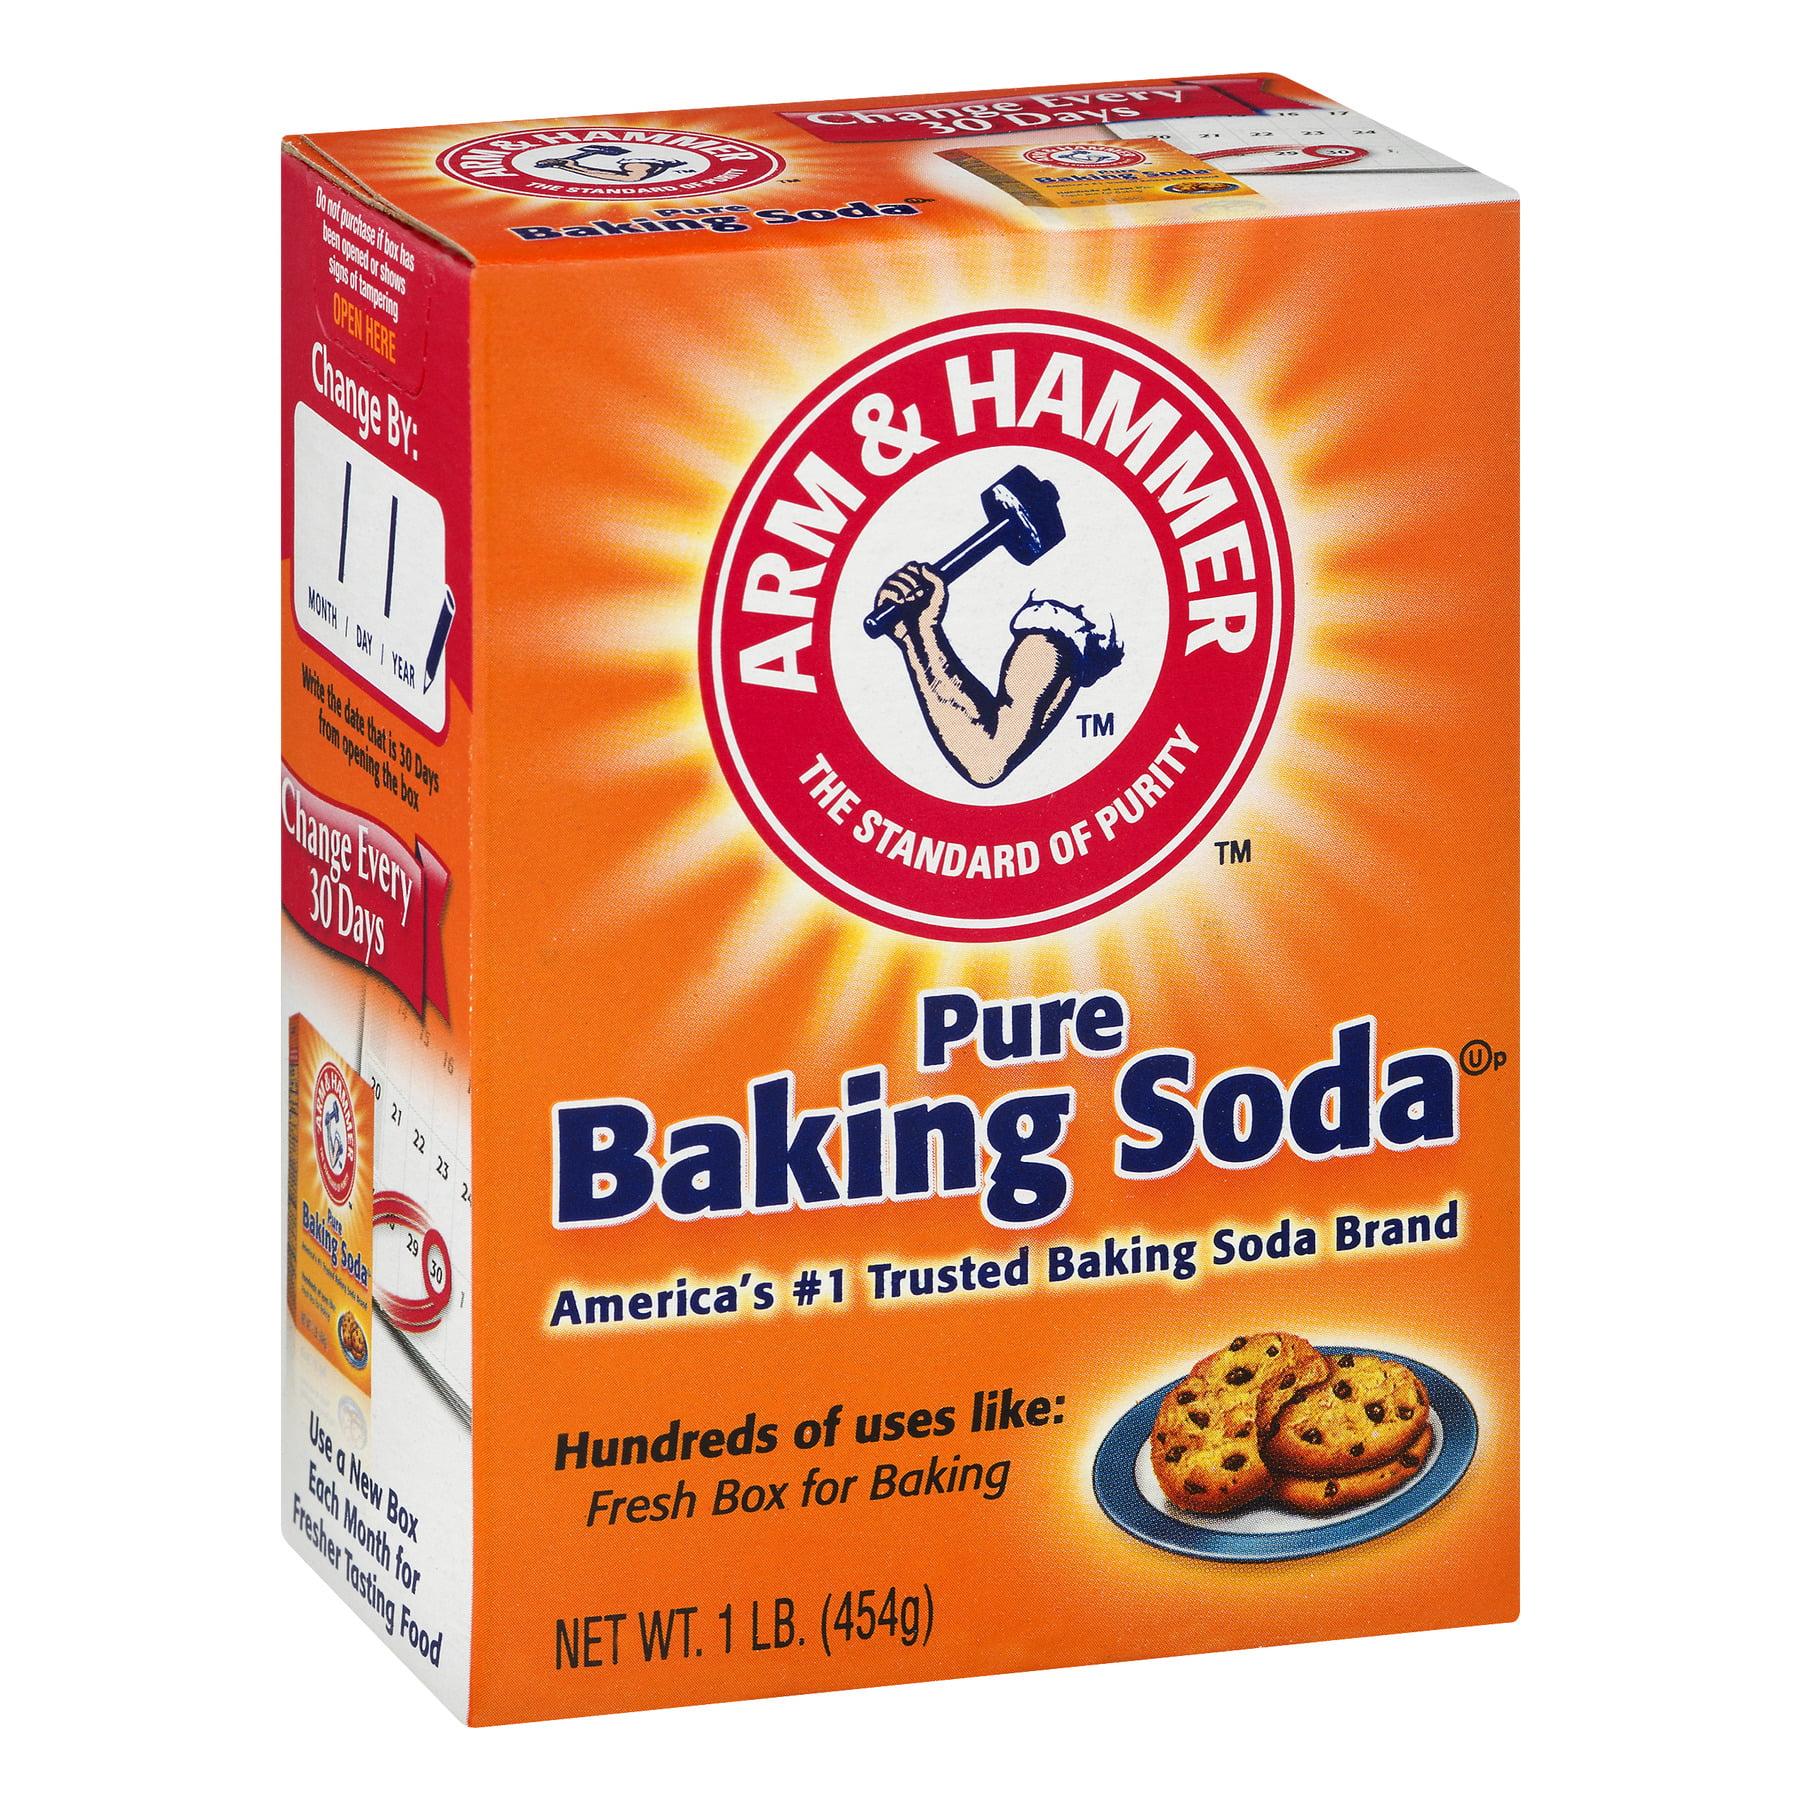 Arm & Hammer Pure Baking Soda, 1 lb - Walmart.com - Walmart.com